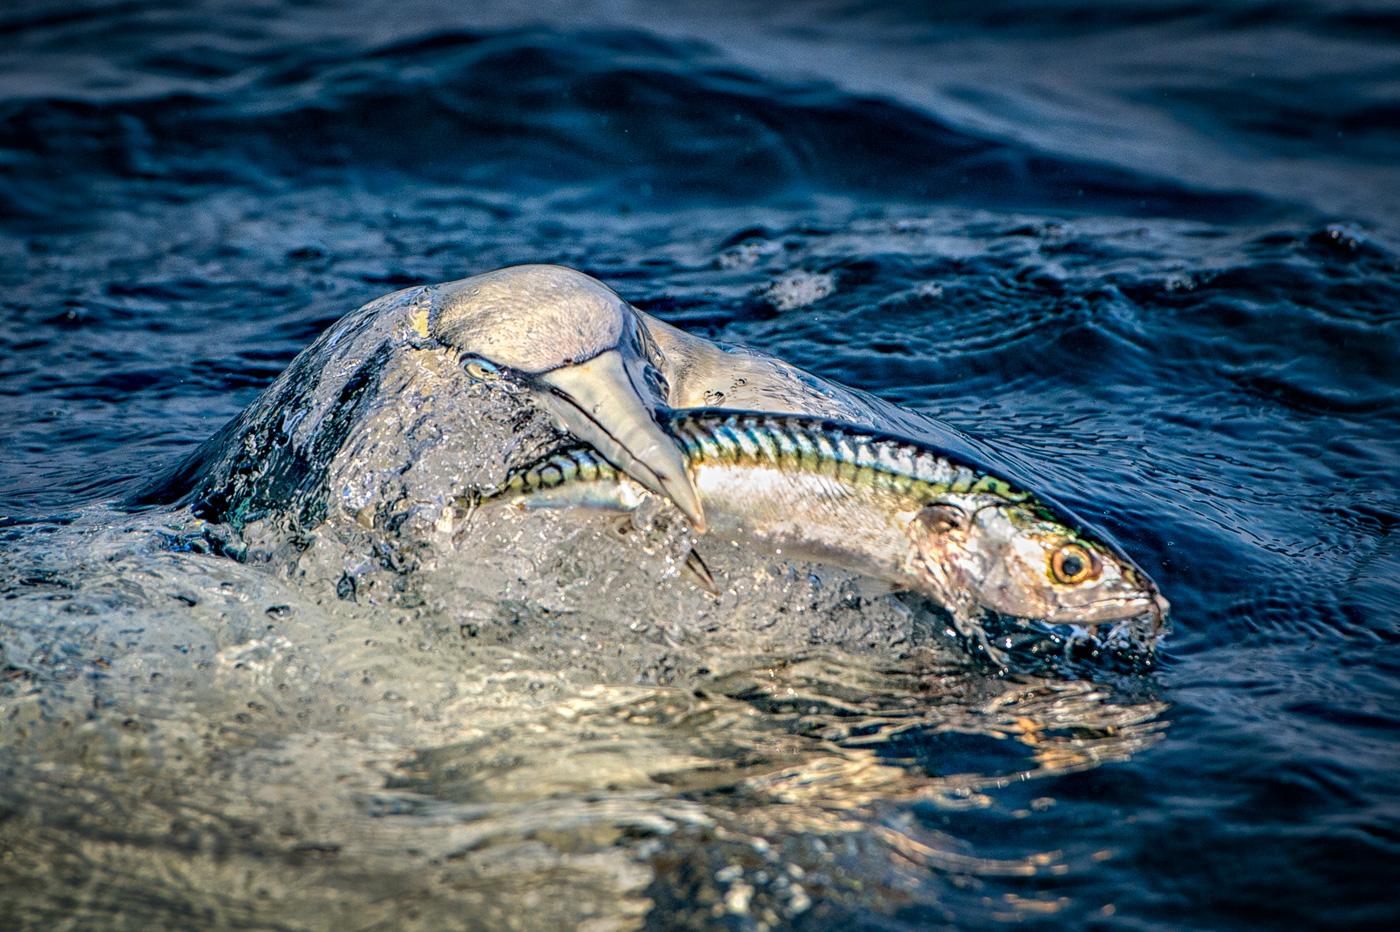 gannet hunt for mackerel